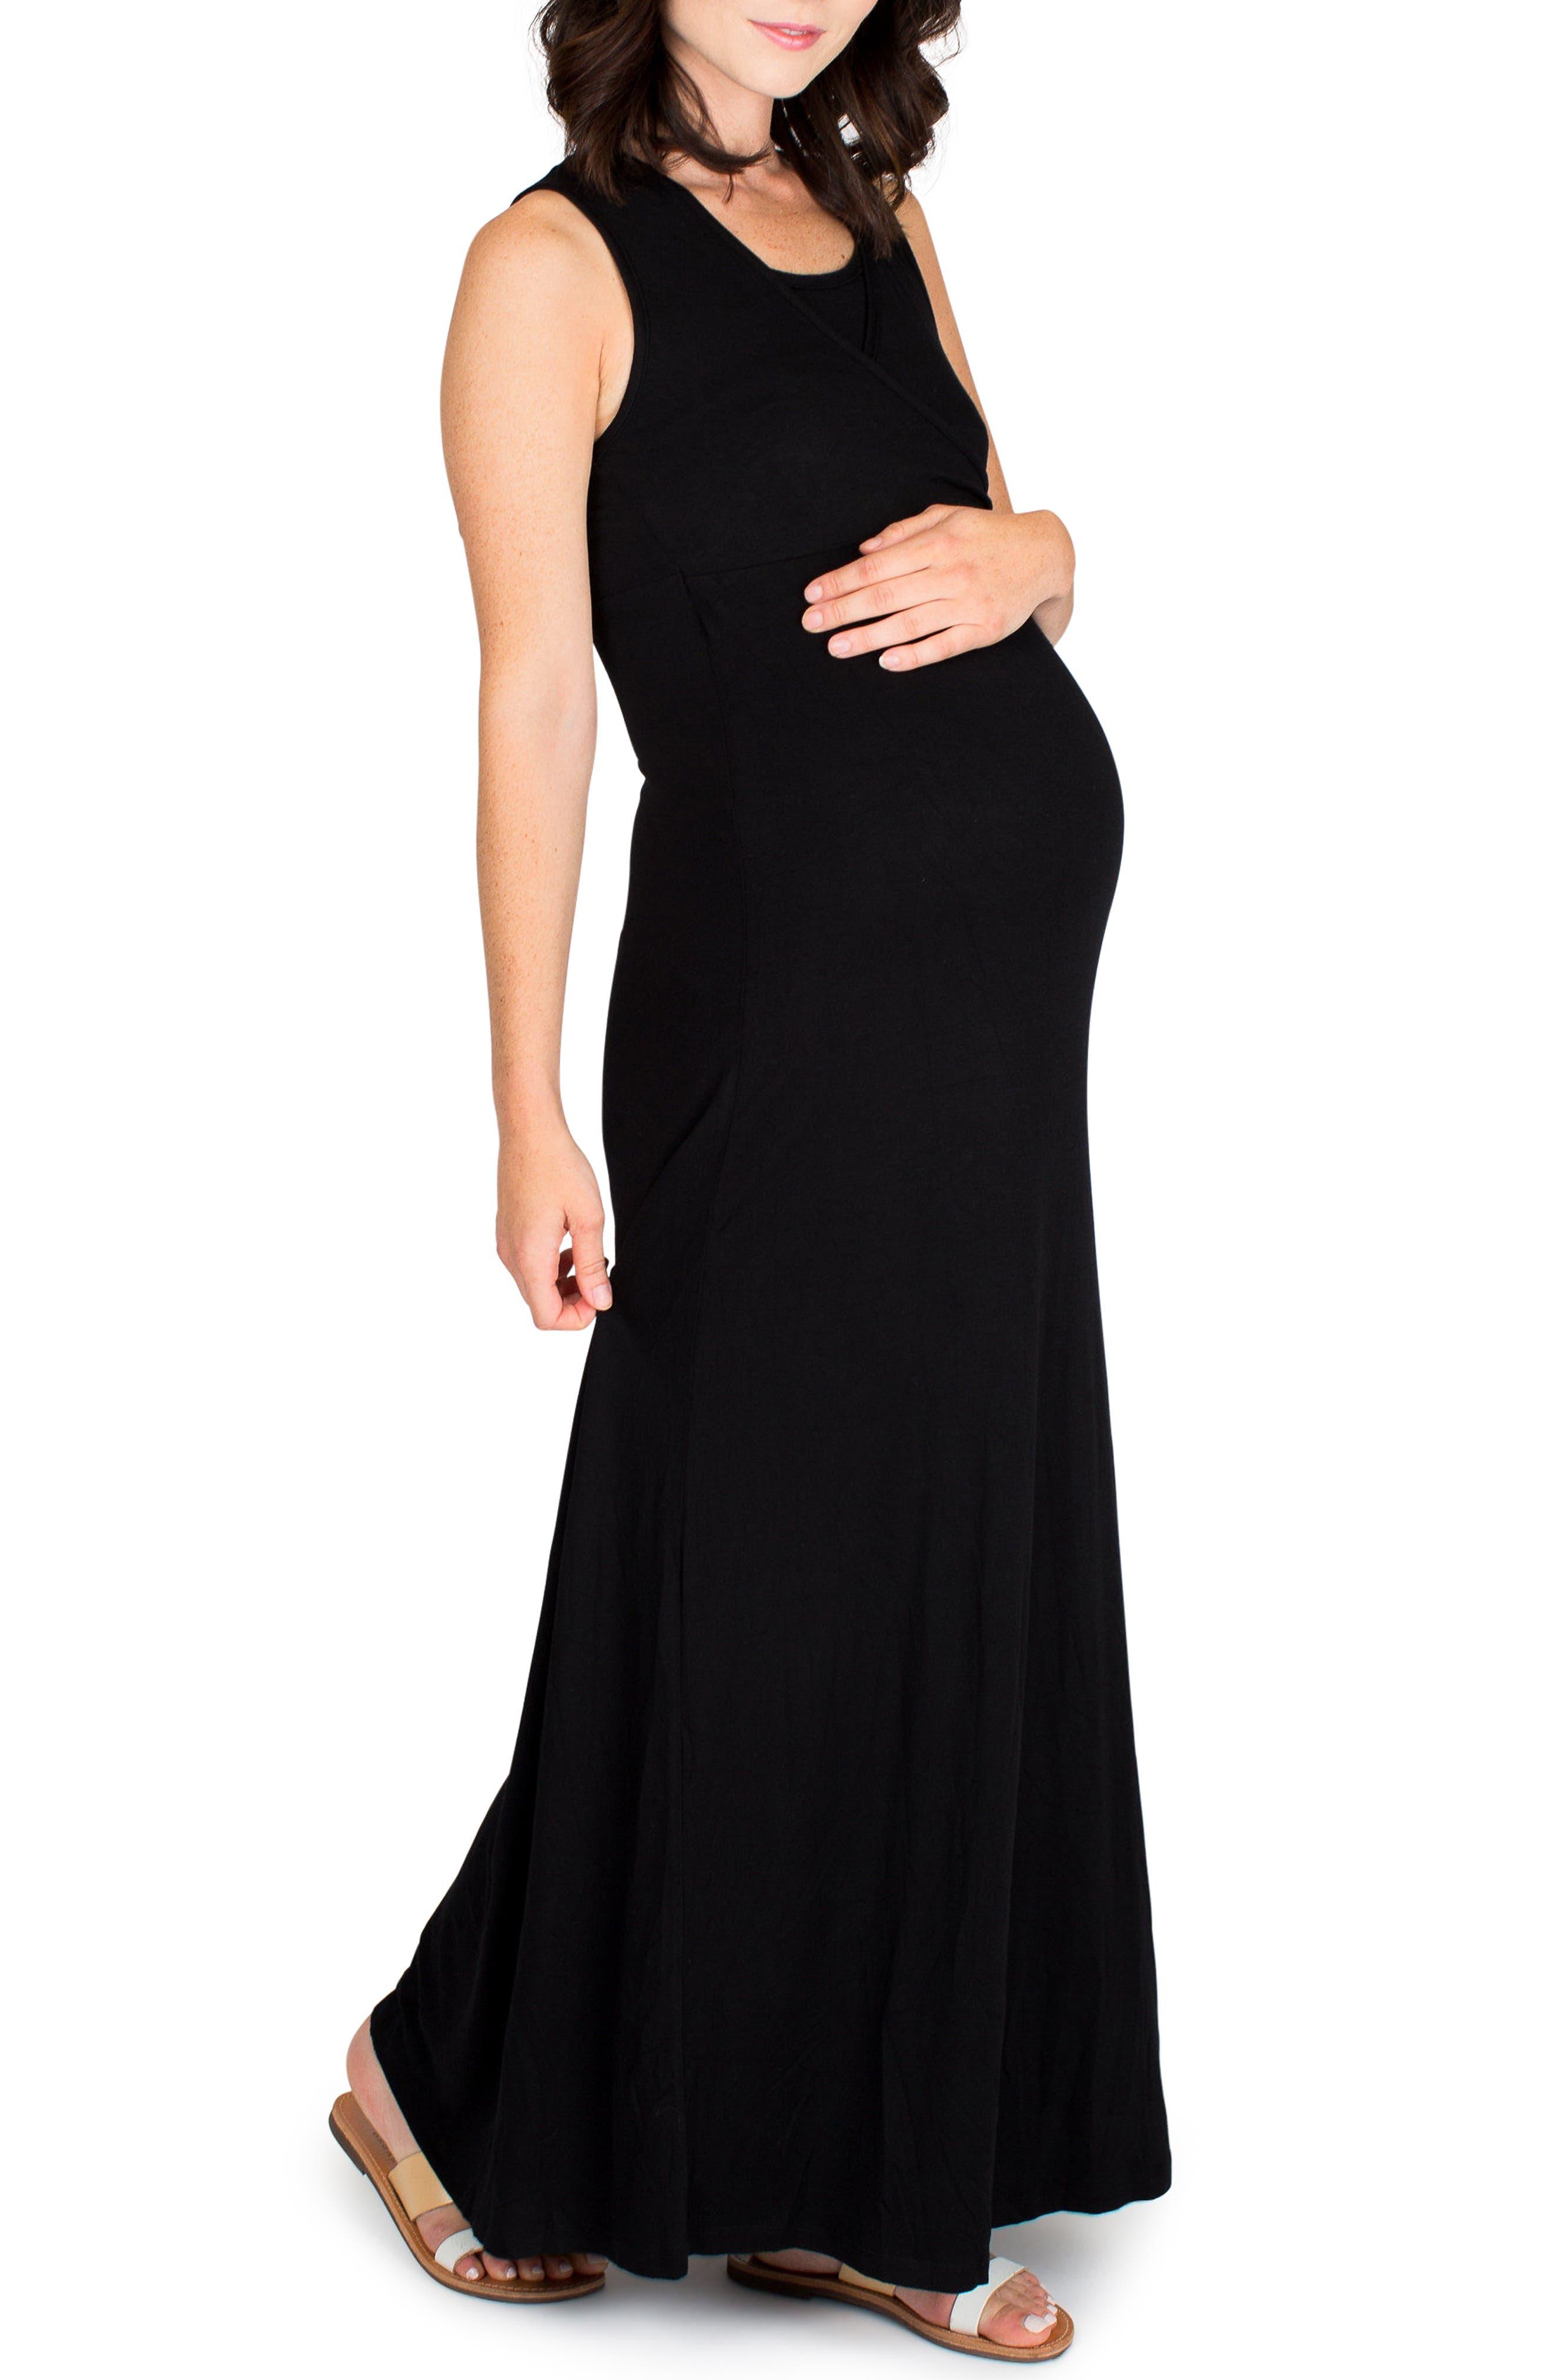 Nom Maternity Jersey Maternity/nursing Dress, Black